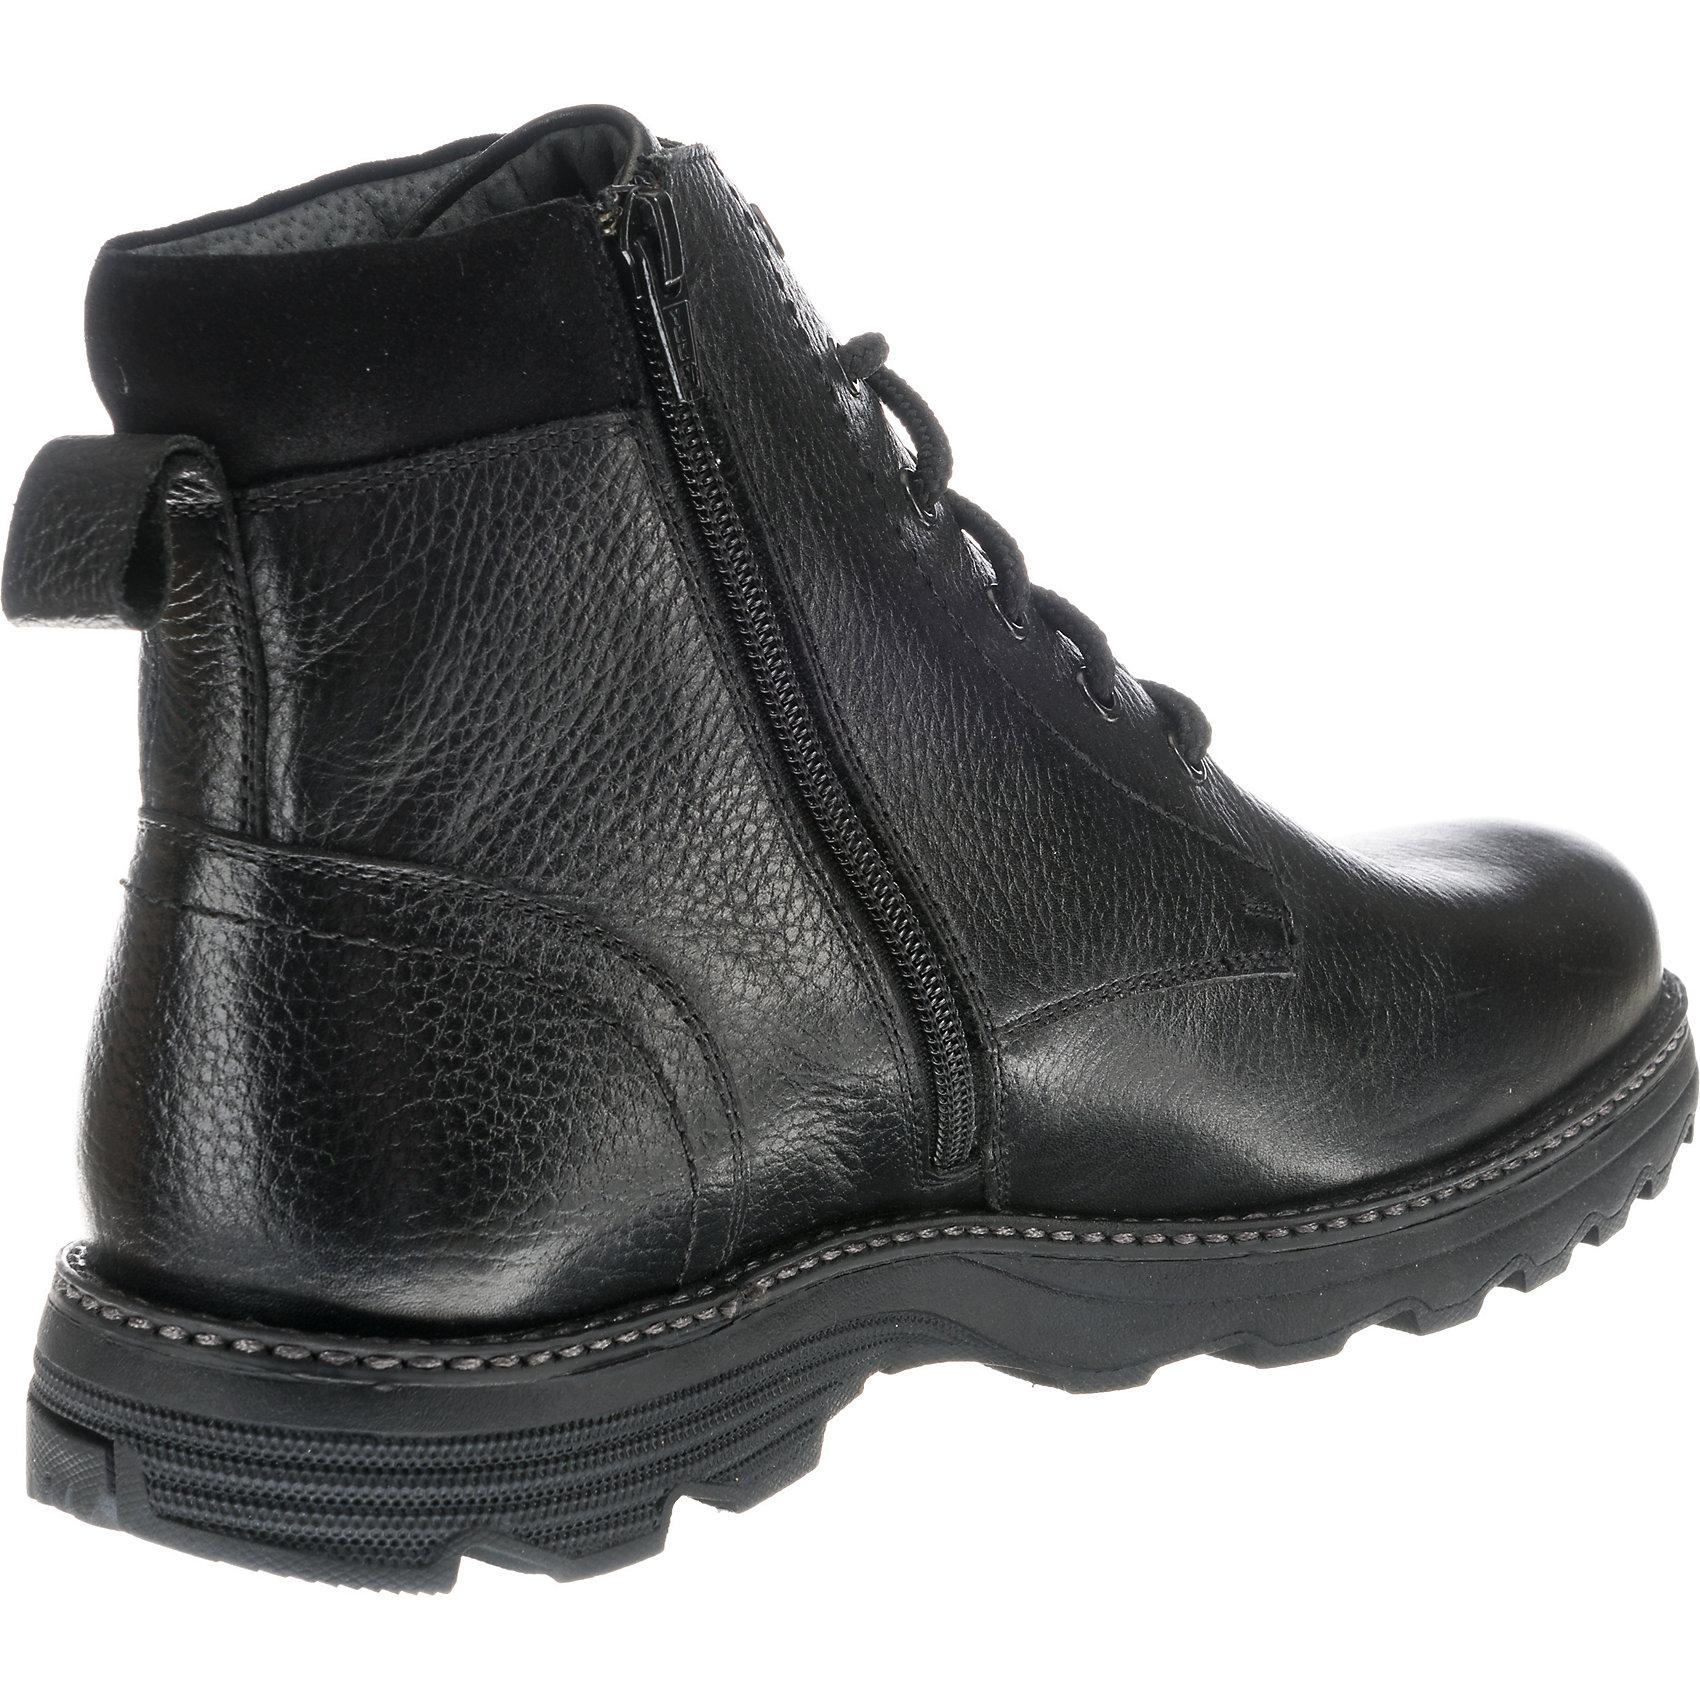 Neu STONEFORD Komfort-Stiefeletten Leder 8835113 für Herren schwarz schwarz schwarz    | Elegant Und Würdevoll  8ba4e7